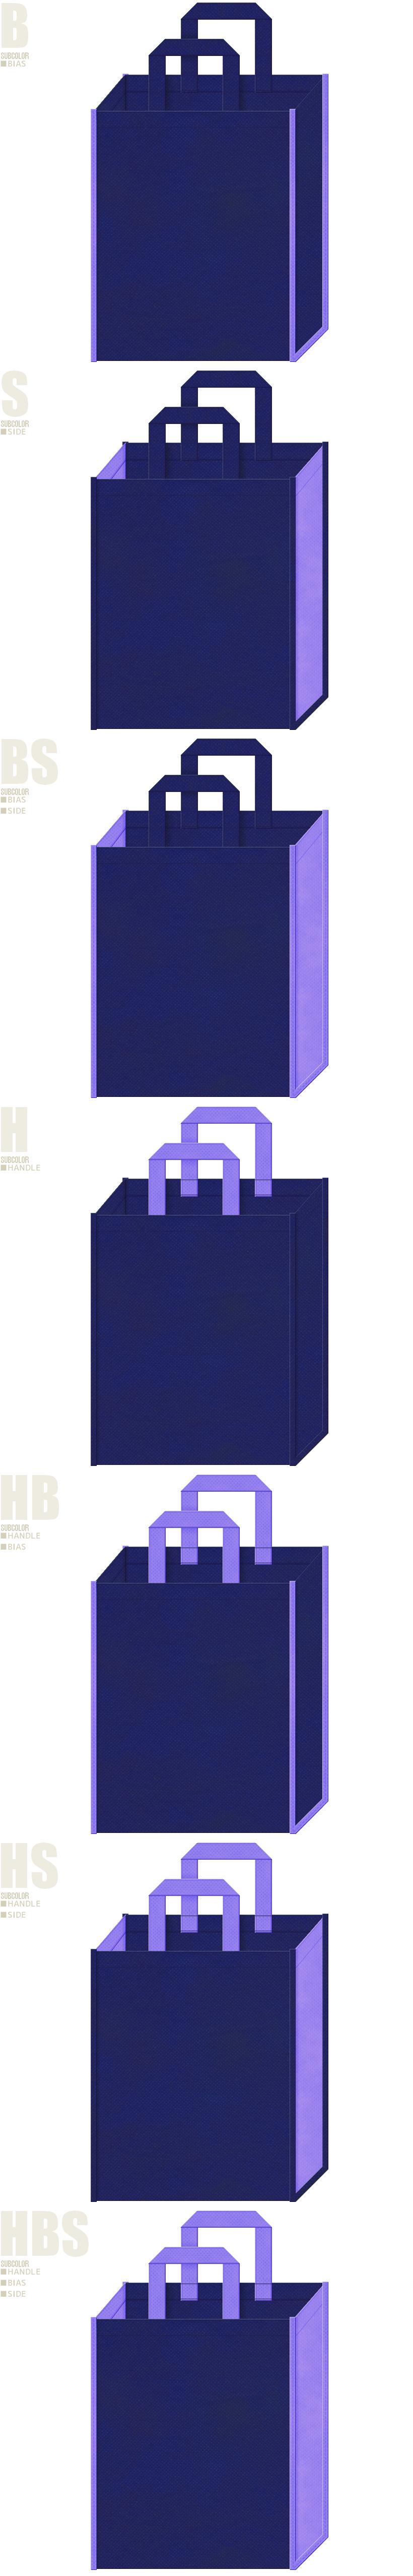 天体観測・星座・プラネタリウム・星占い・星空のイベント・ギリシャ神話・伝説・ゲームの展示会用バッグにお奨めの不織布バッグデザイン:明るい紺色と薄紫色の配色7パターン